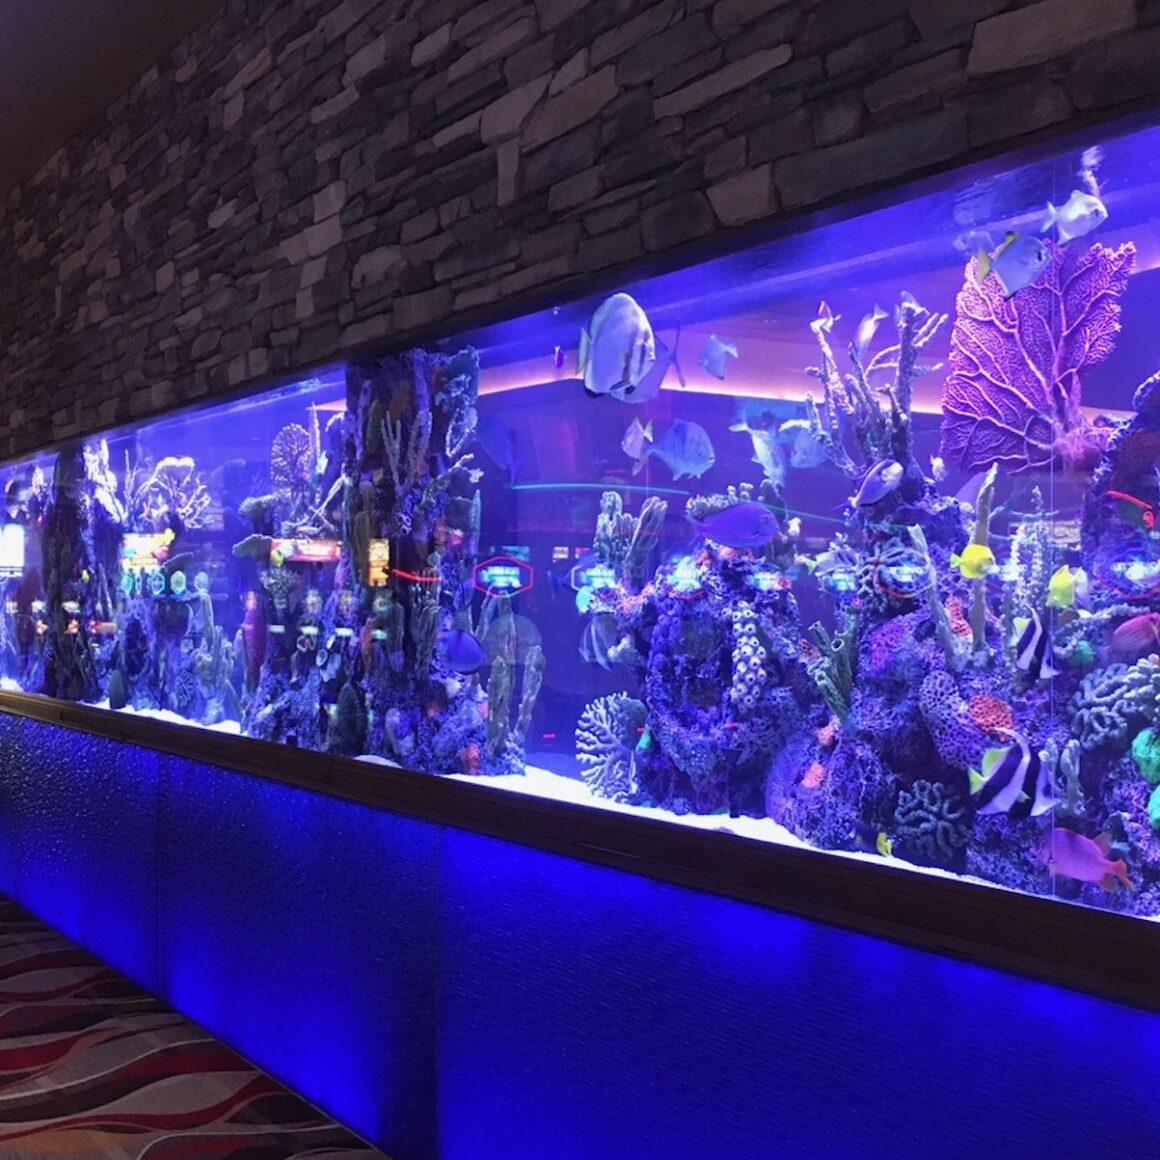 custom aquariums in wall at casino